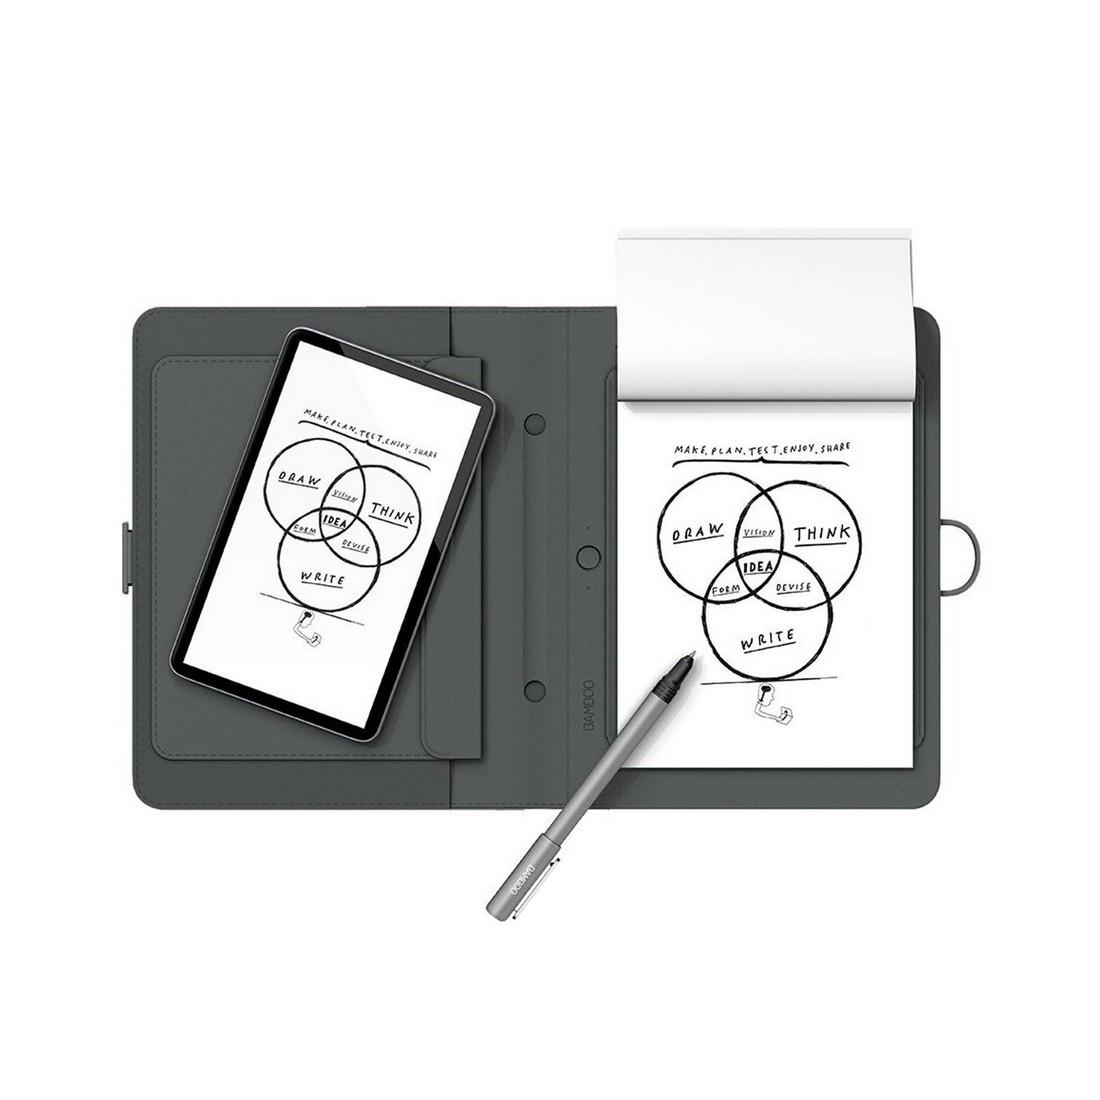 Графический планшет (Автономное перо + блокнот) Wacom Bamboo Spark (CDS-600P) Серый